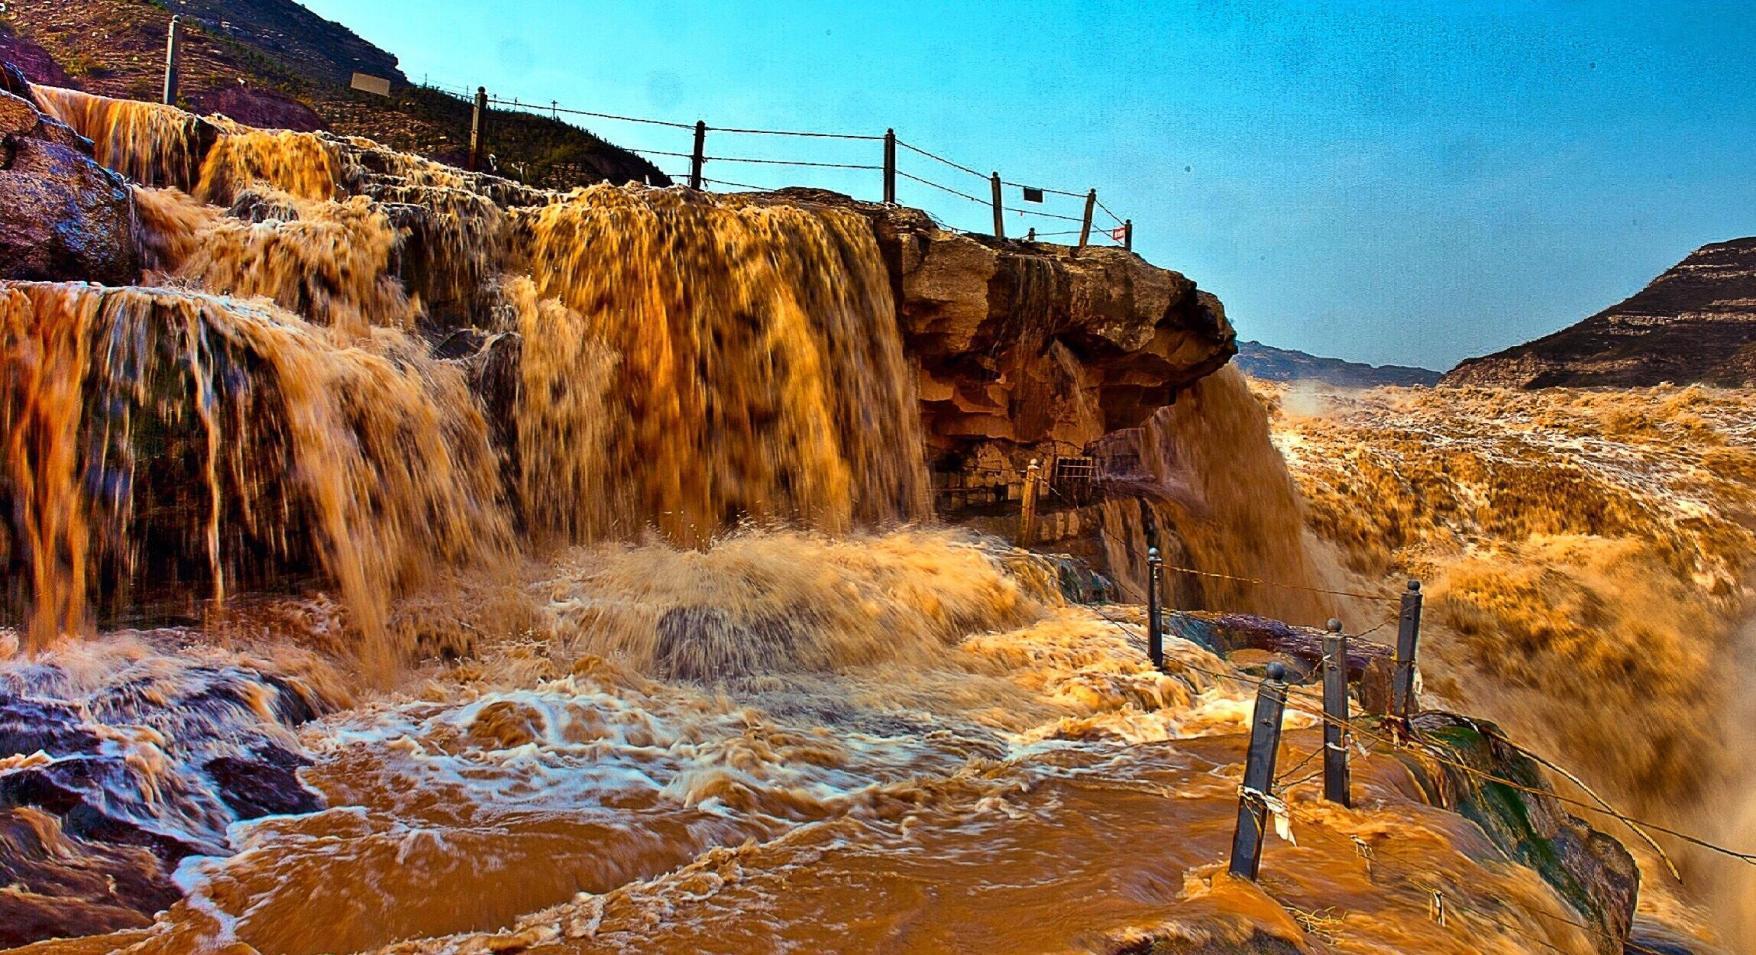 """黄河水变清对中国利大还是弊大,""""圣人出黄河清""""是真的吗?"""